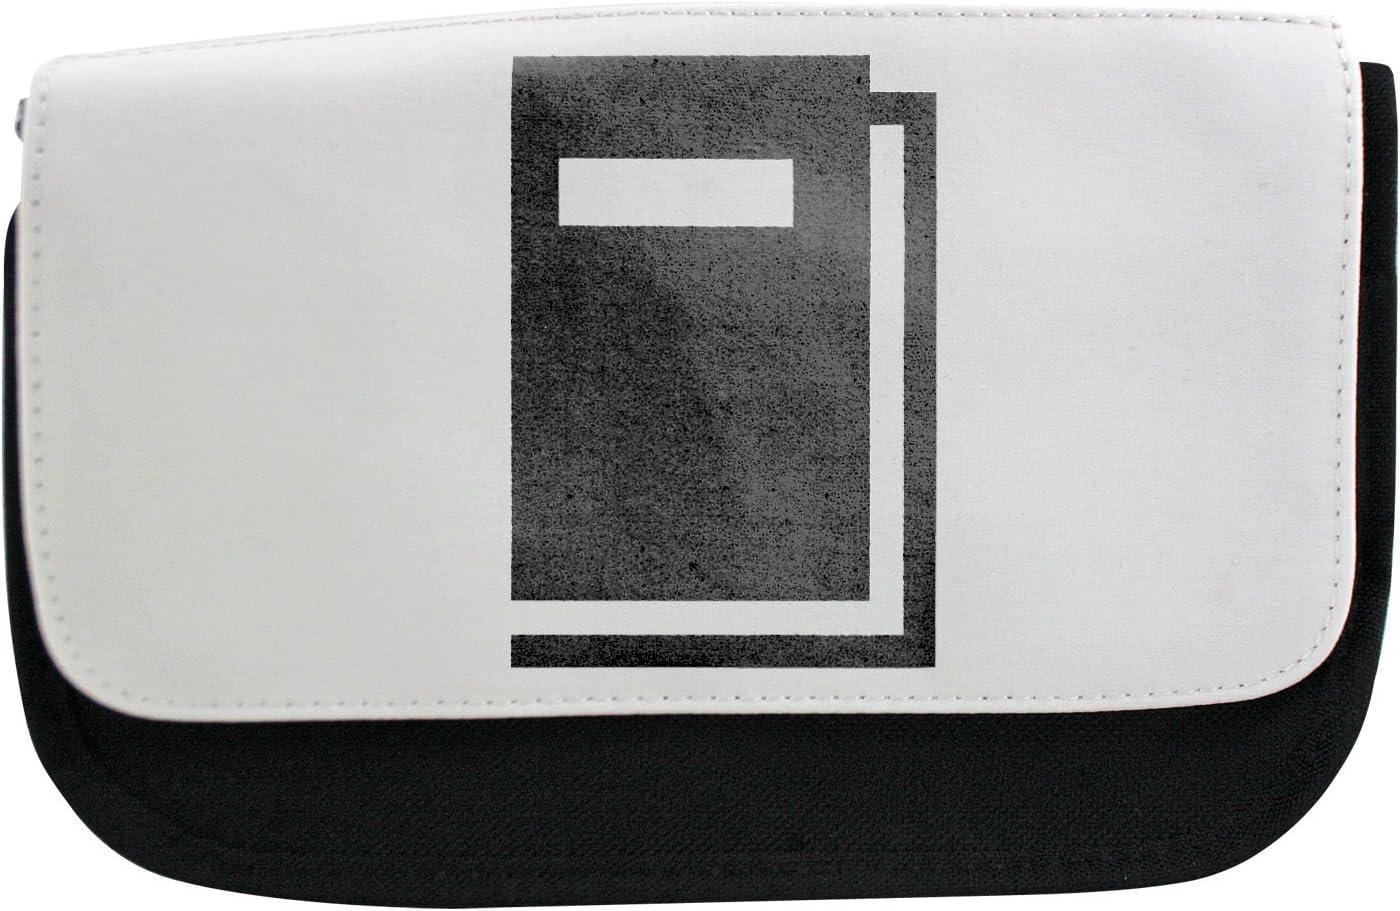 Negro libro pictograma estuche, maquillaje bolsa, Multibag: Amazon.es: Oficina y papelería